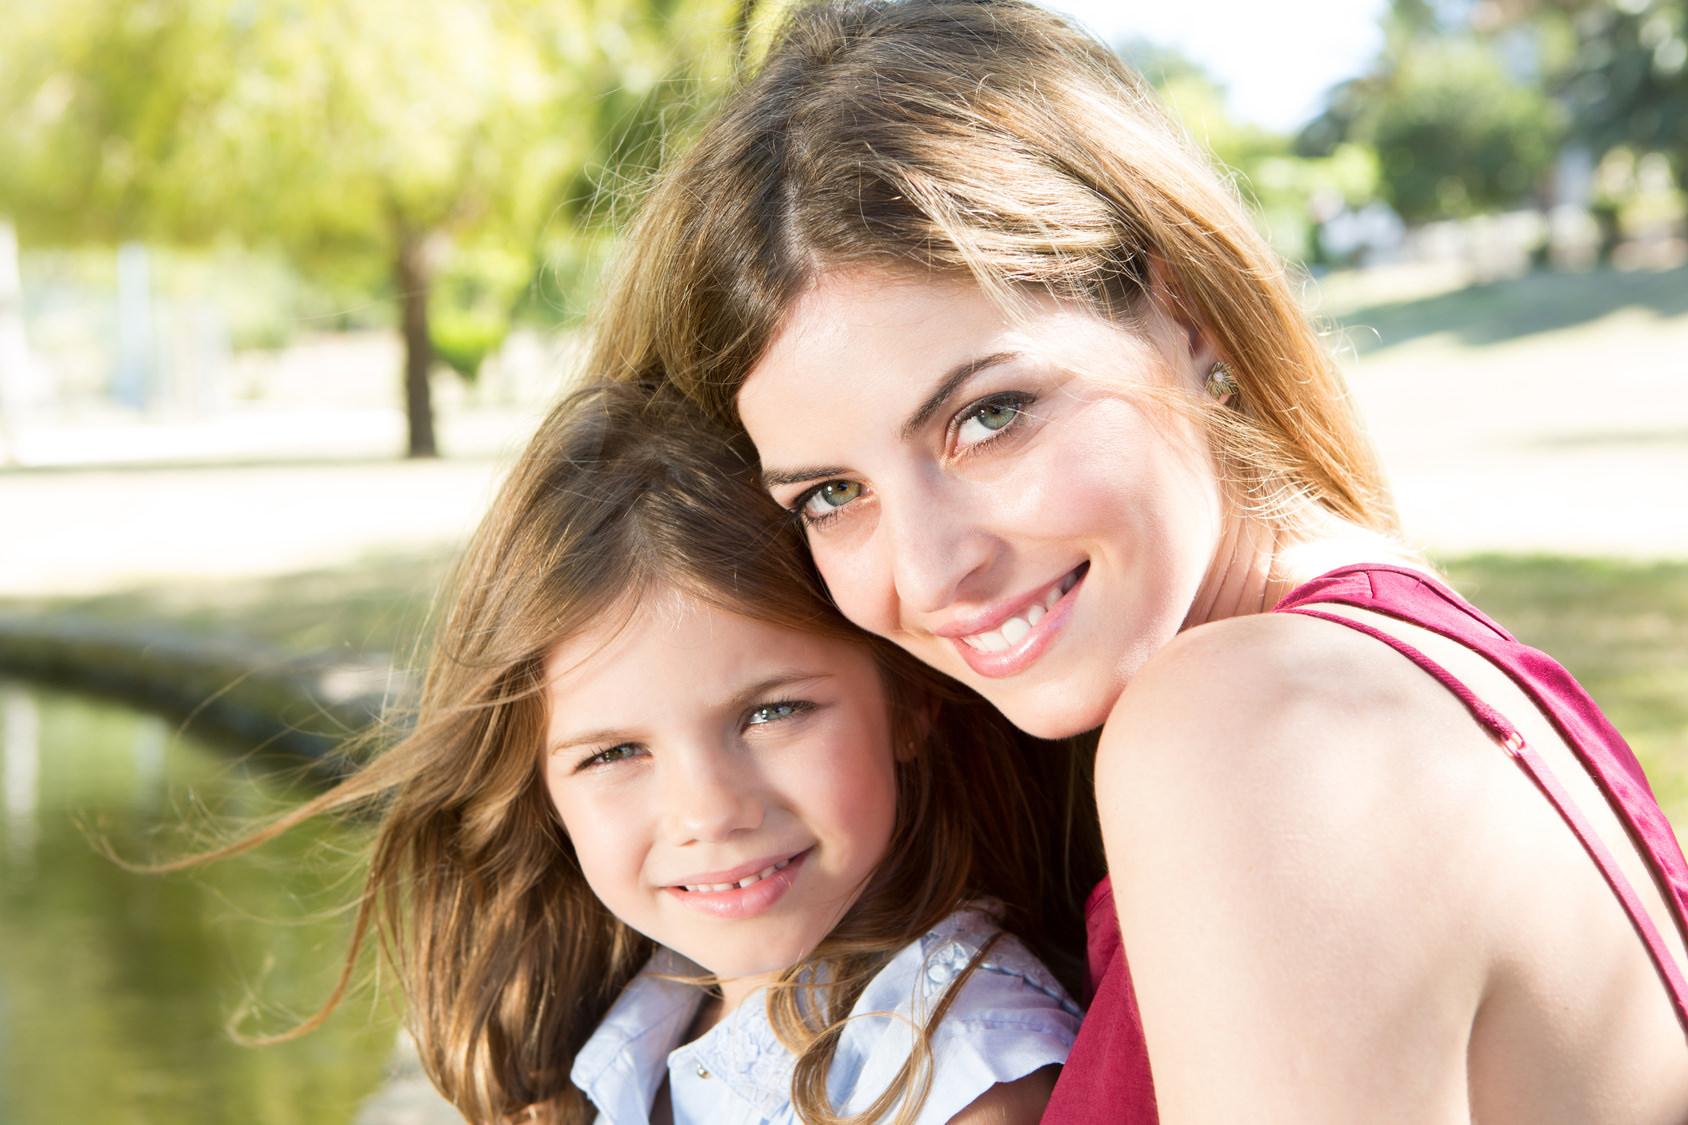 На какую поддержку может рассчитывать мать-одиночка (фото: jolopes - Fotolia.com).